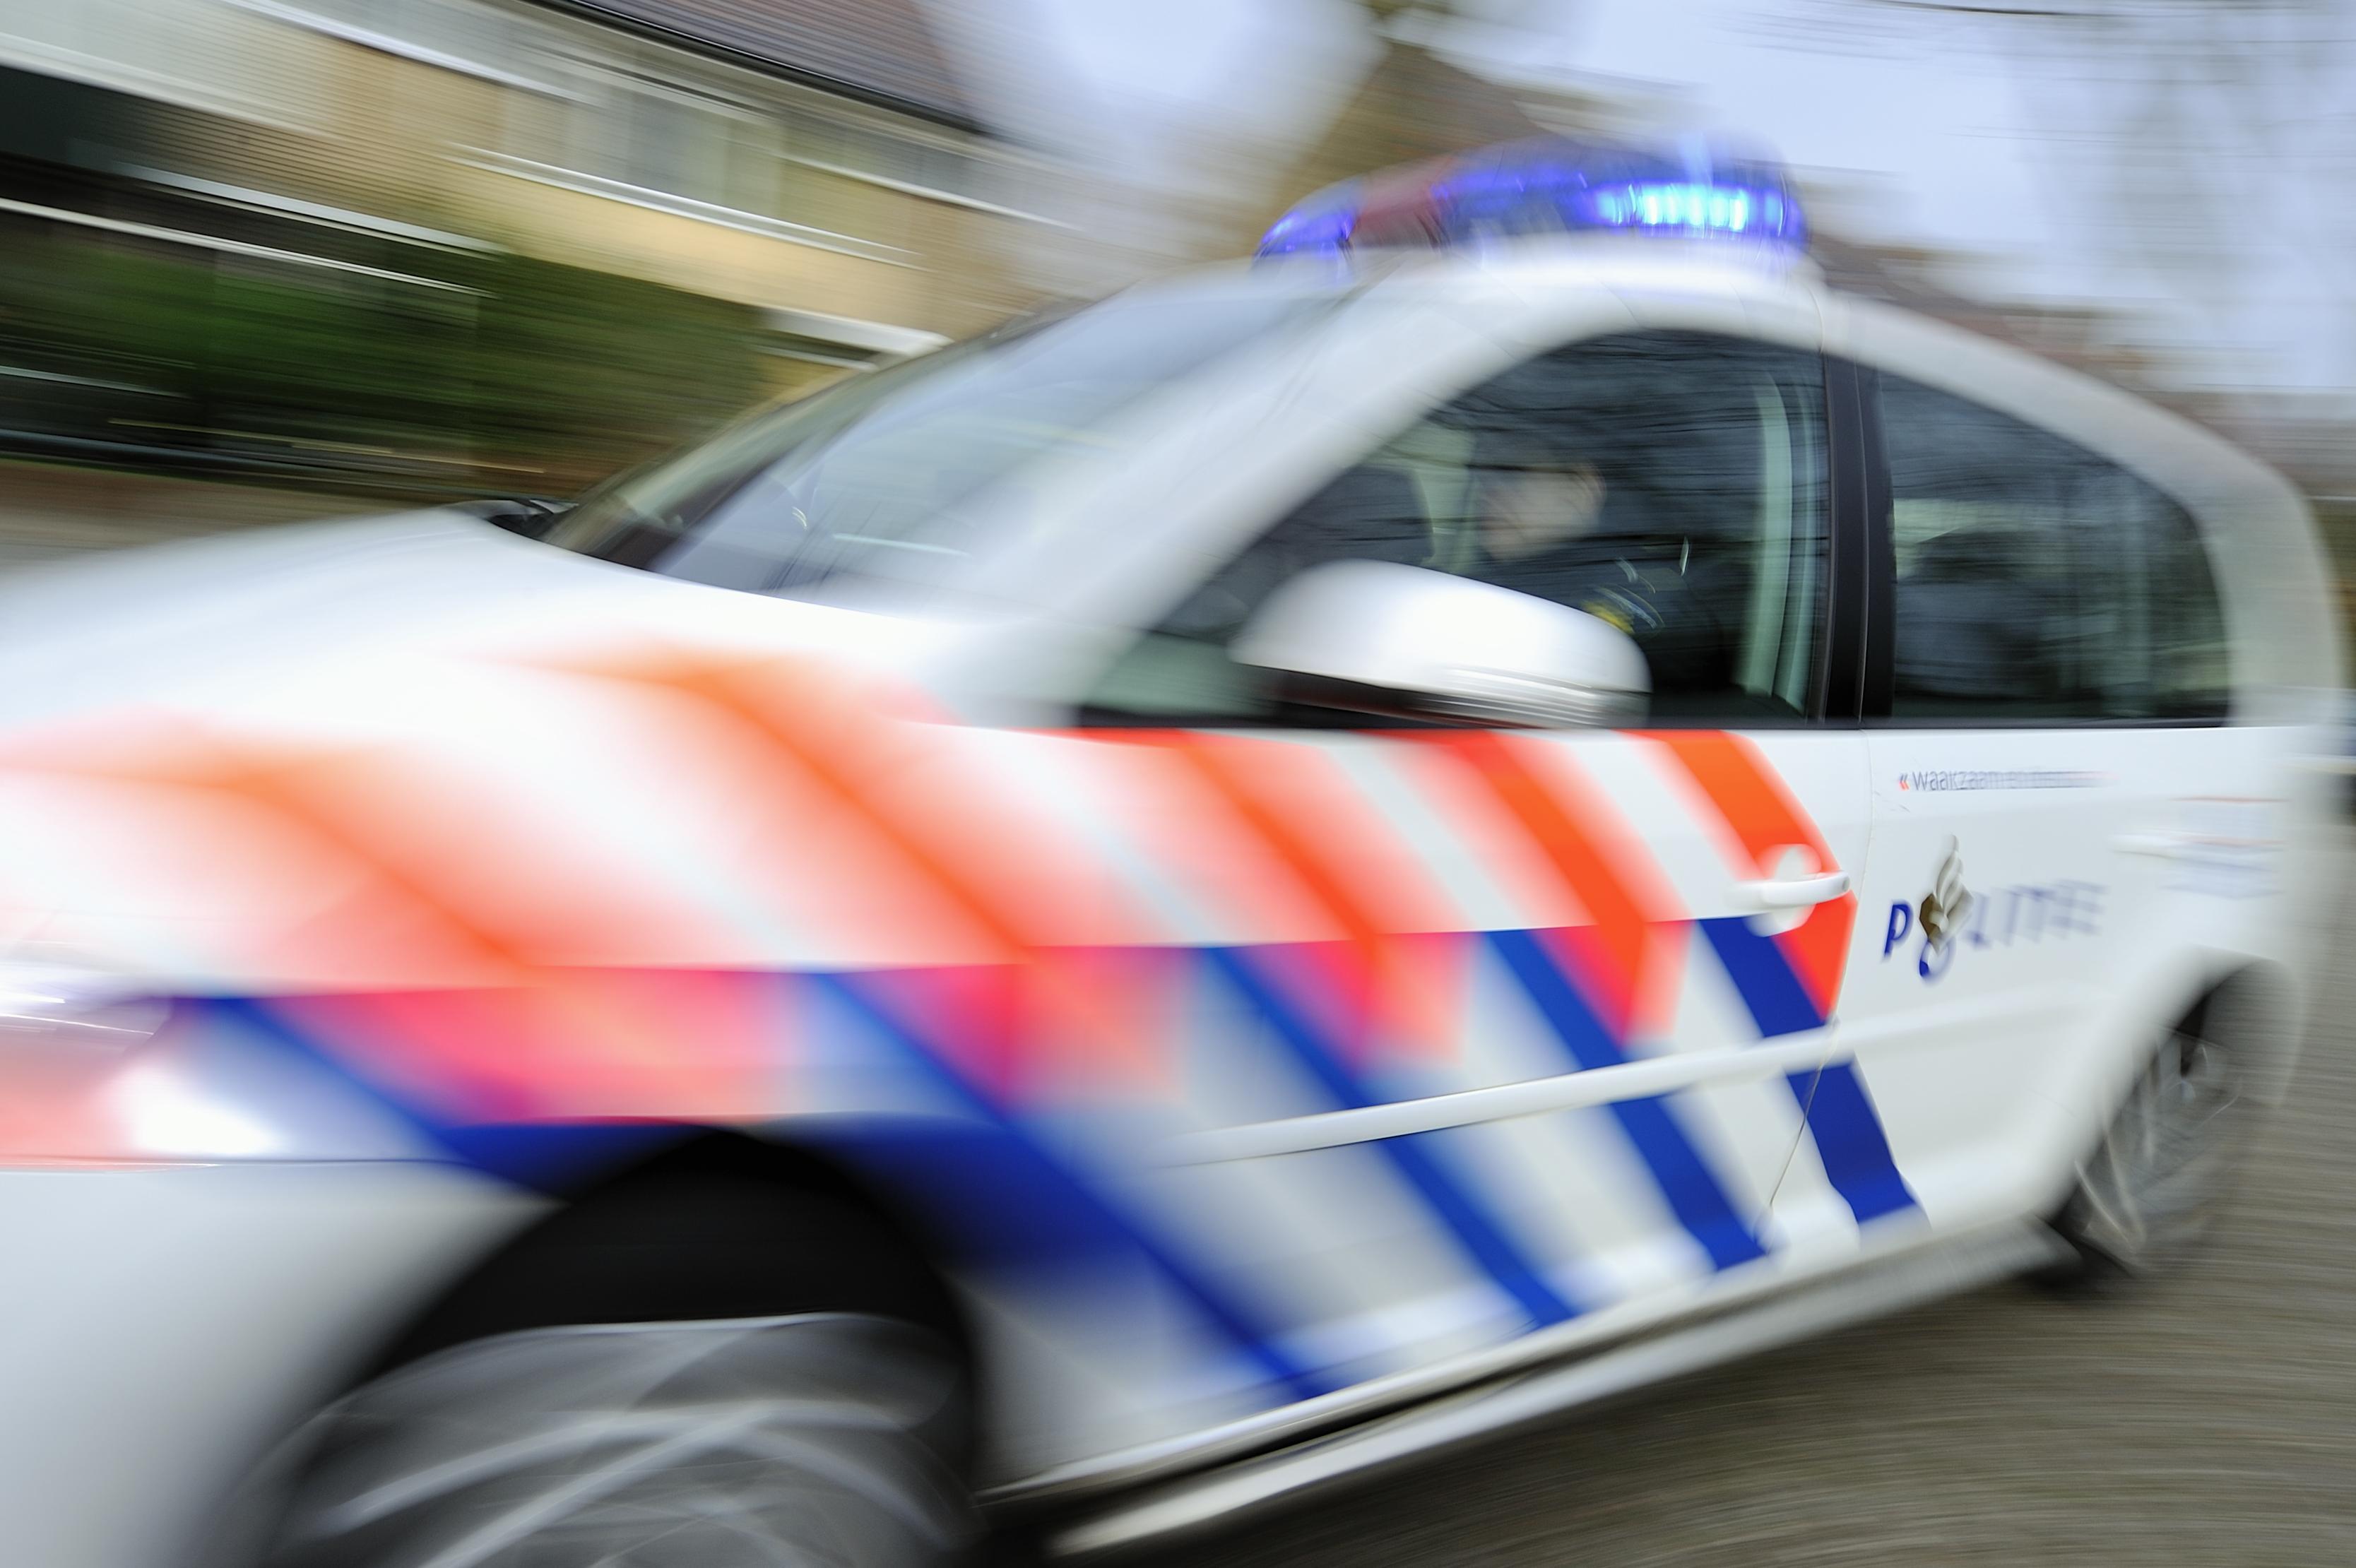 Politie op zoek naar 10-jarige jongen in centrum van Haarlem